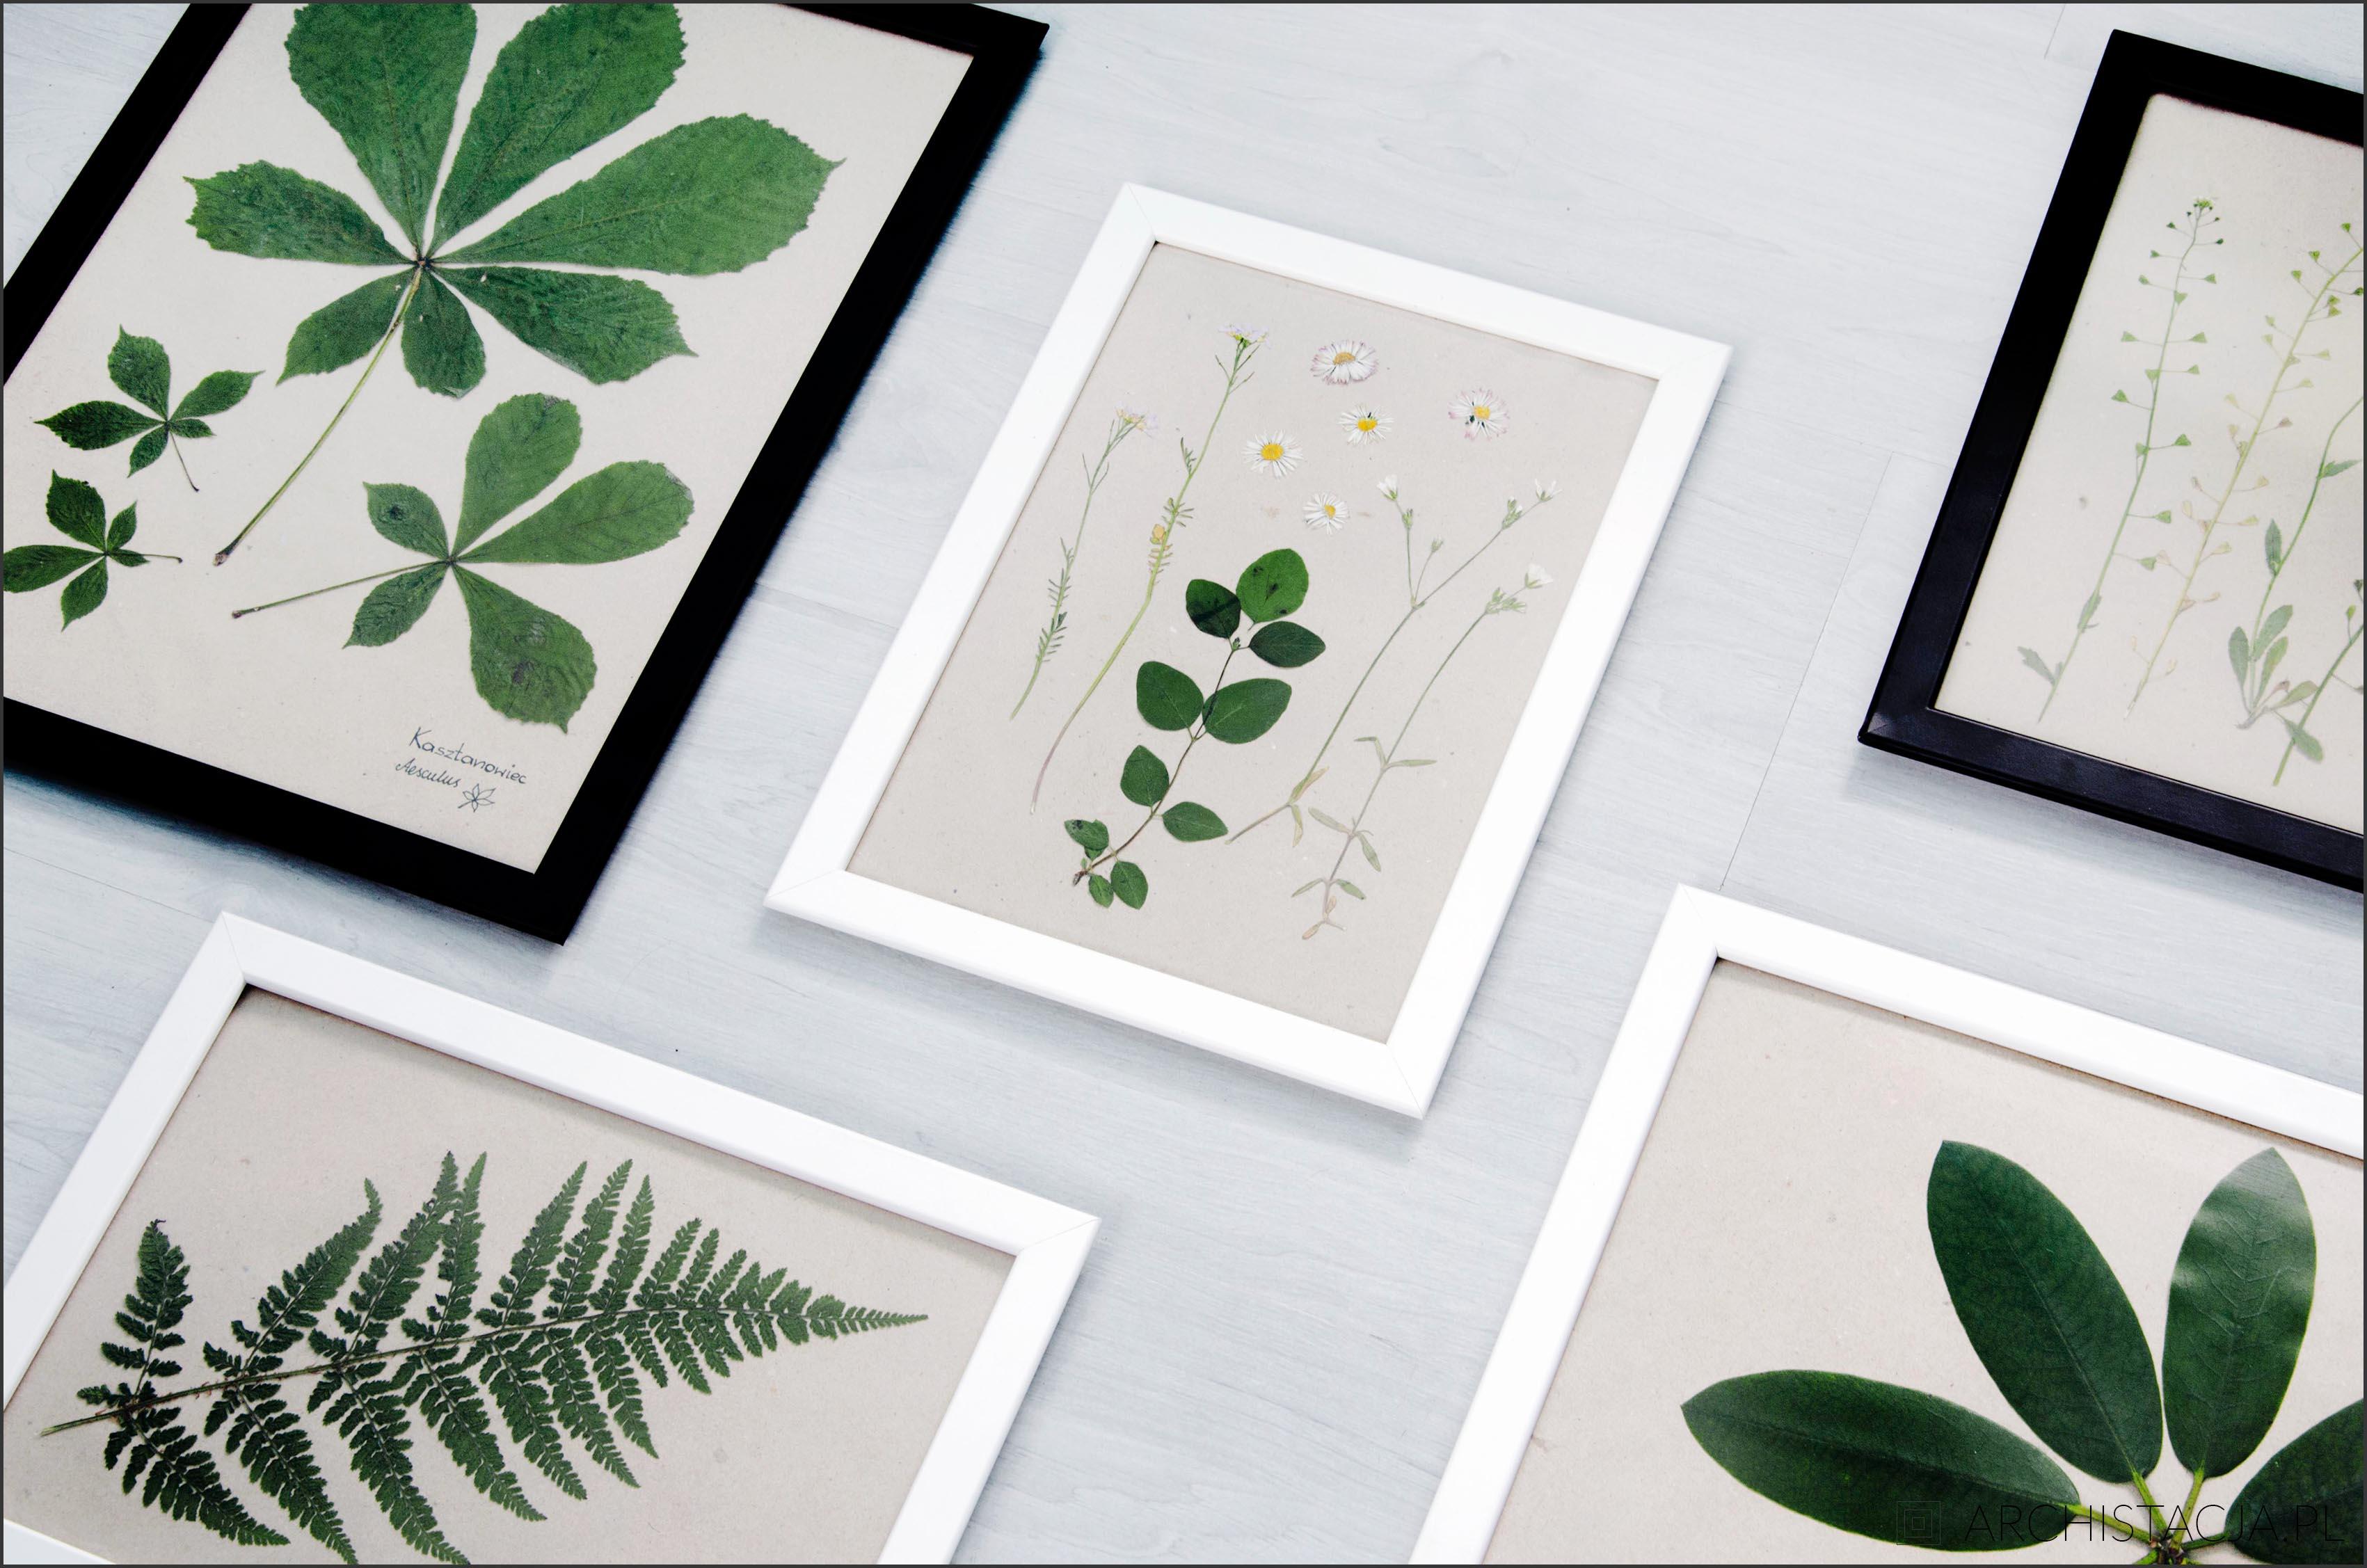 roślinne obrazy